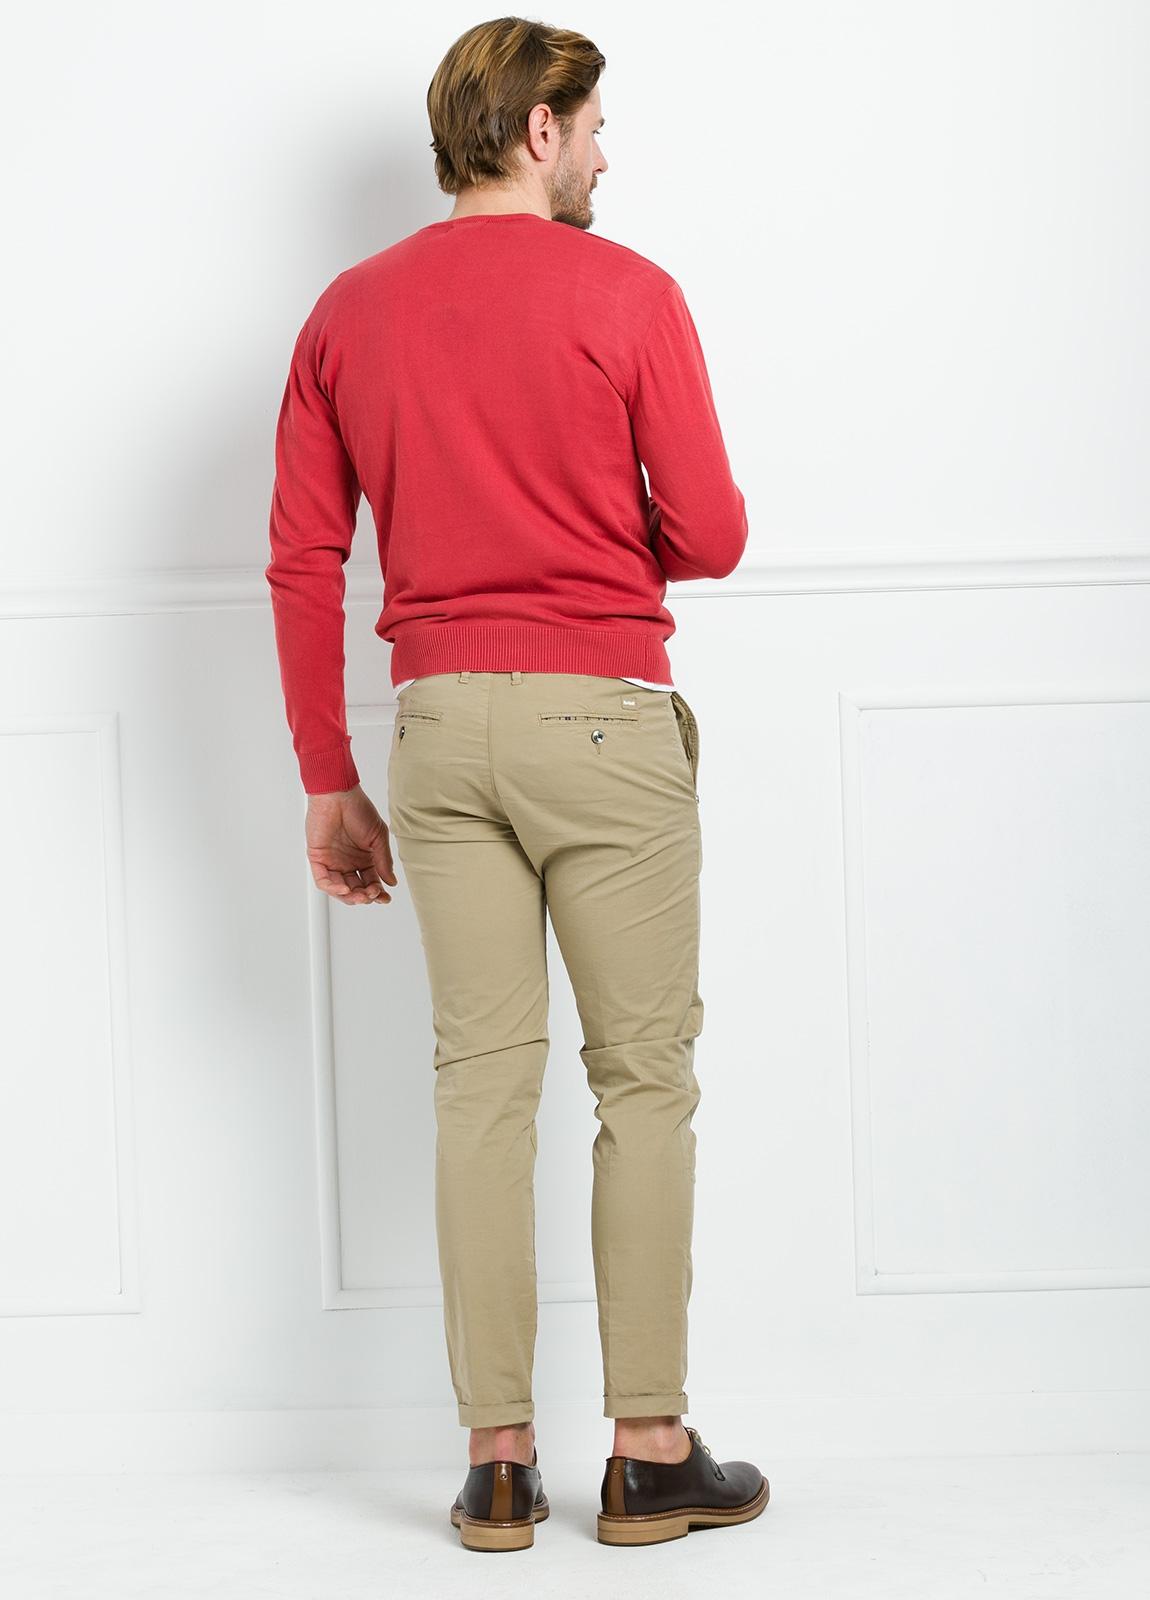 Jersey cuello pico color rojo, 100% Algodón. - Ítem3